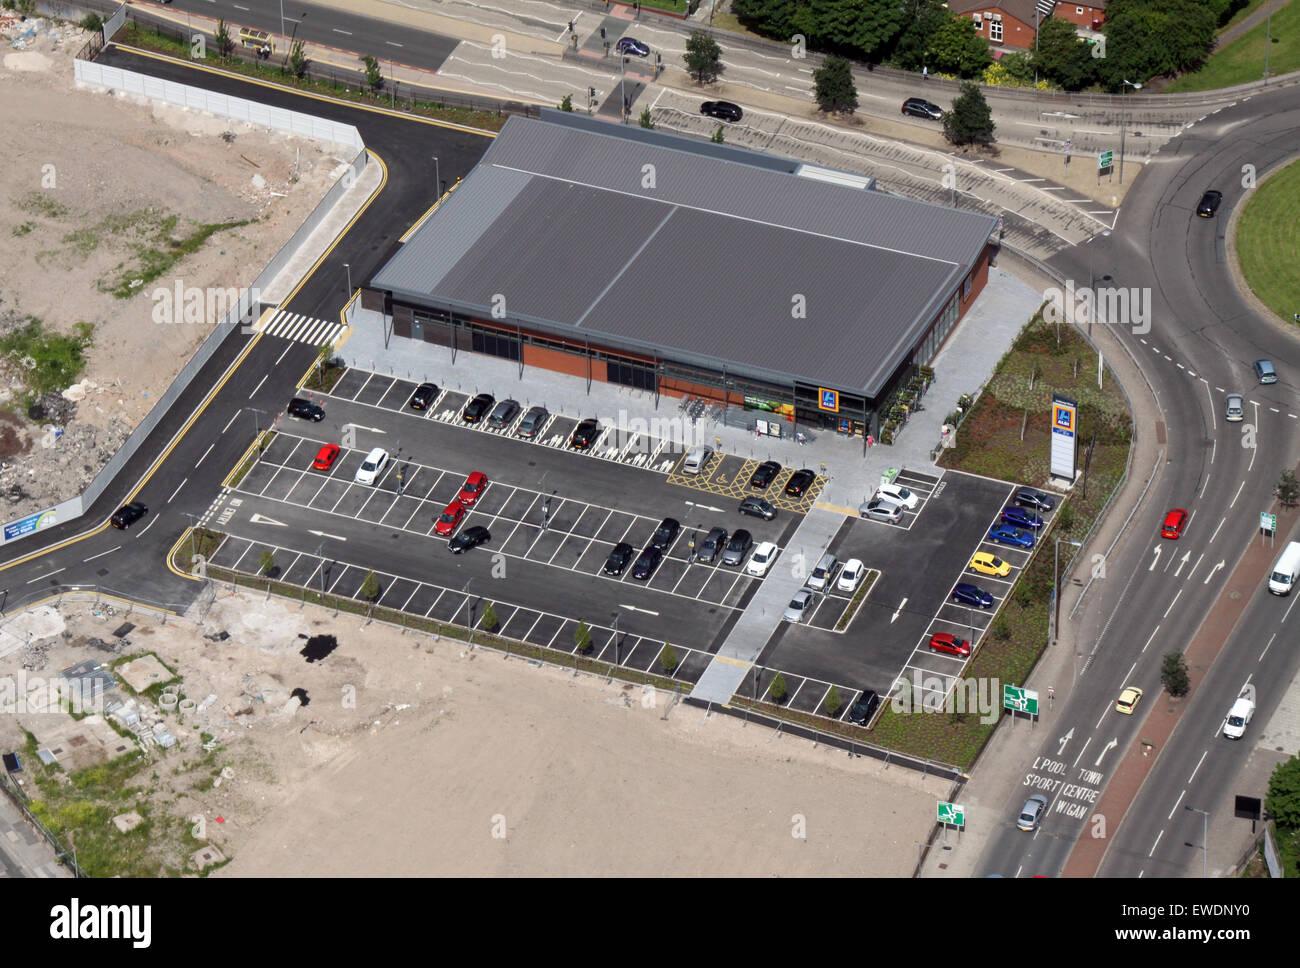 Vista aérea de una tienda supermercado Aldi, REINO UNIDO Imagen De Stock